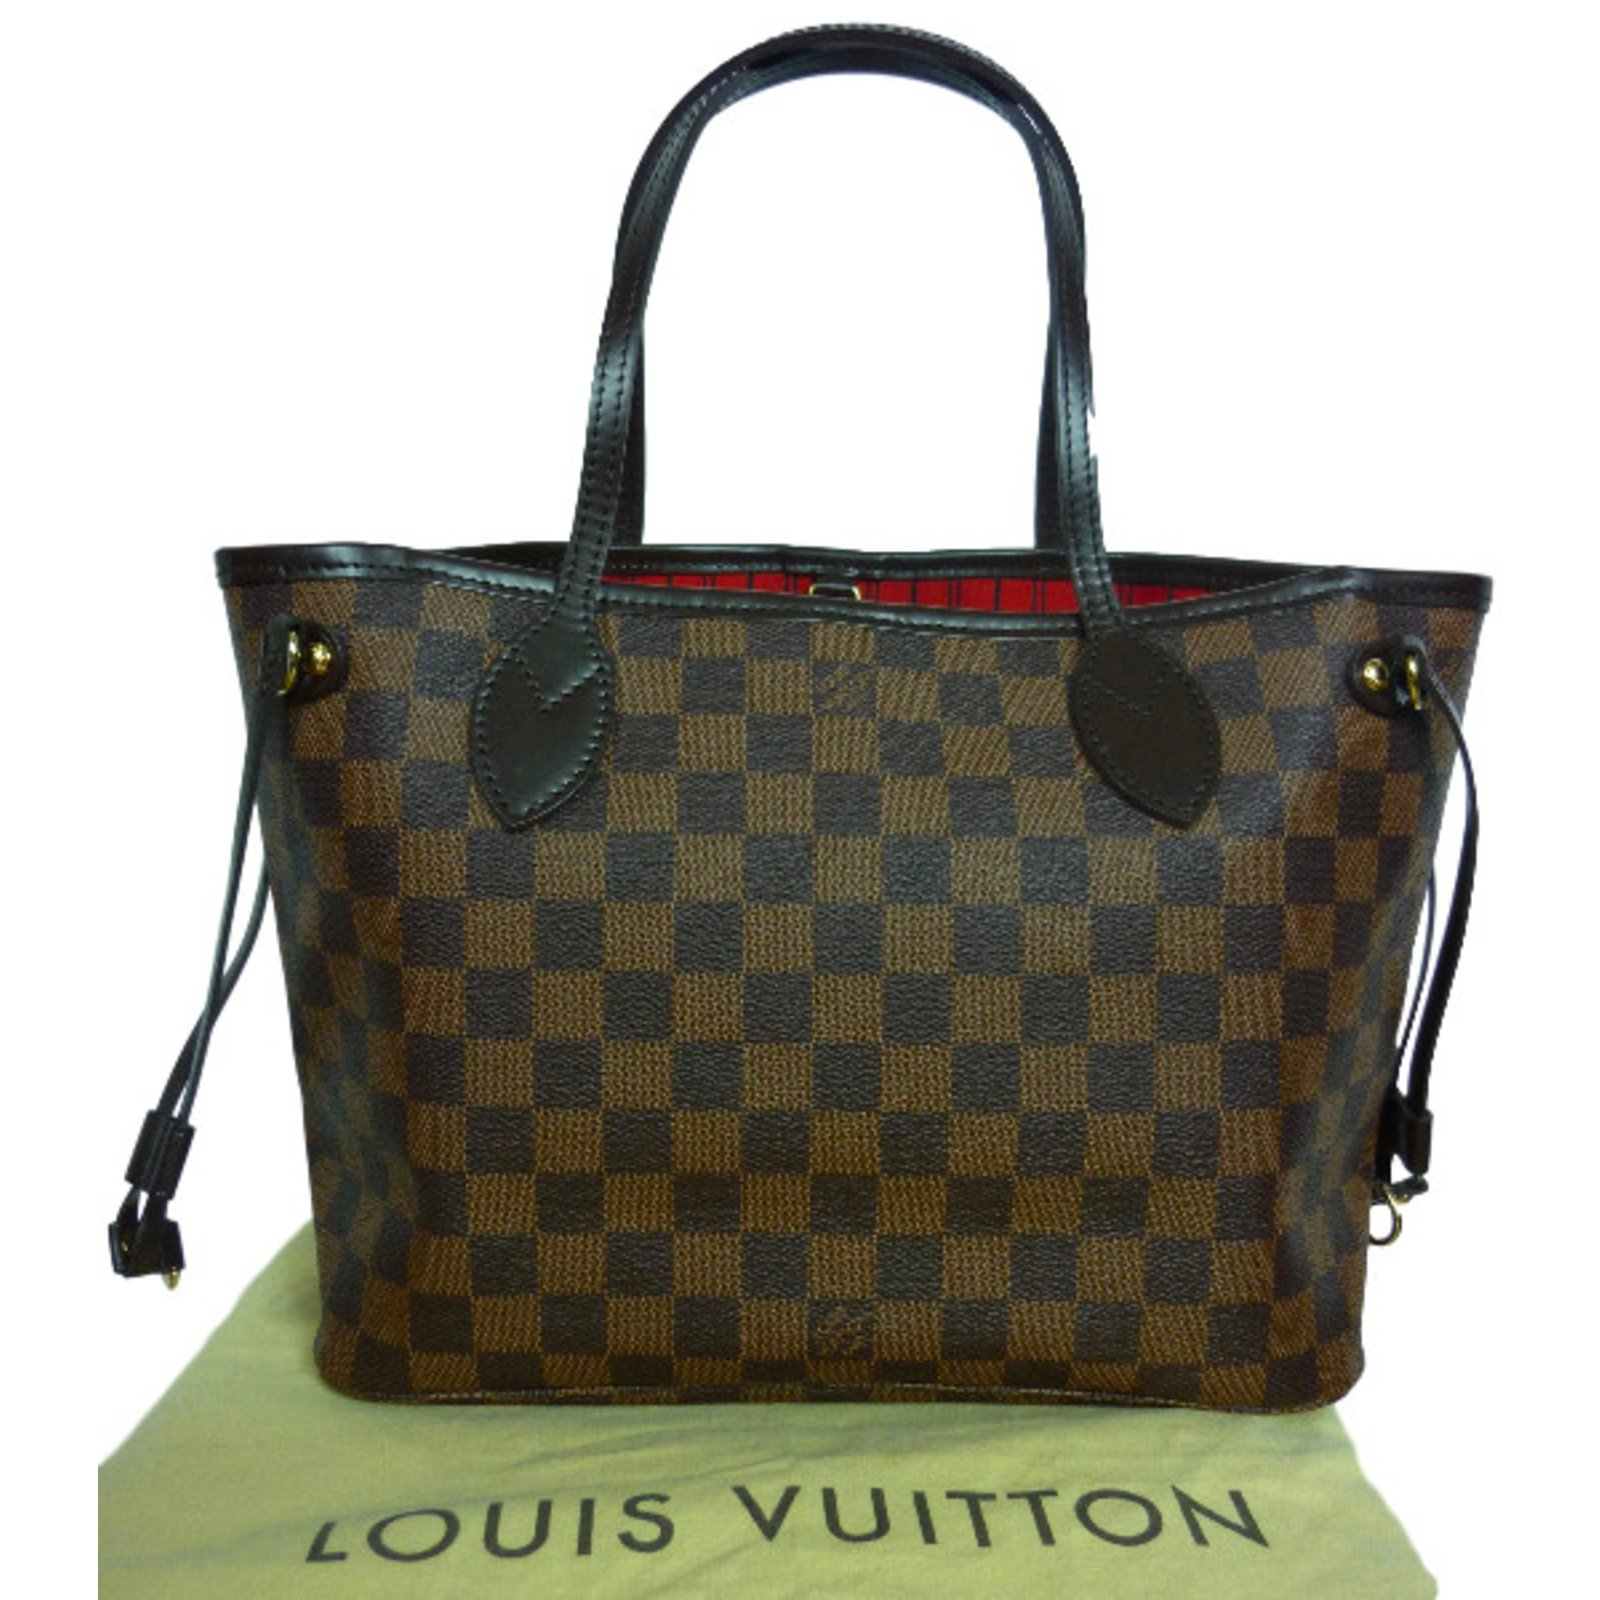 Sac Louis Vuitton Neverfull Pm